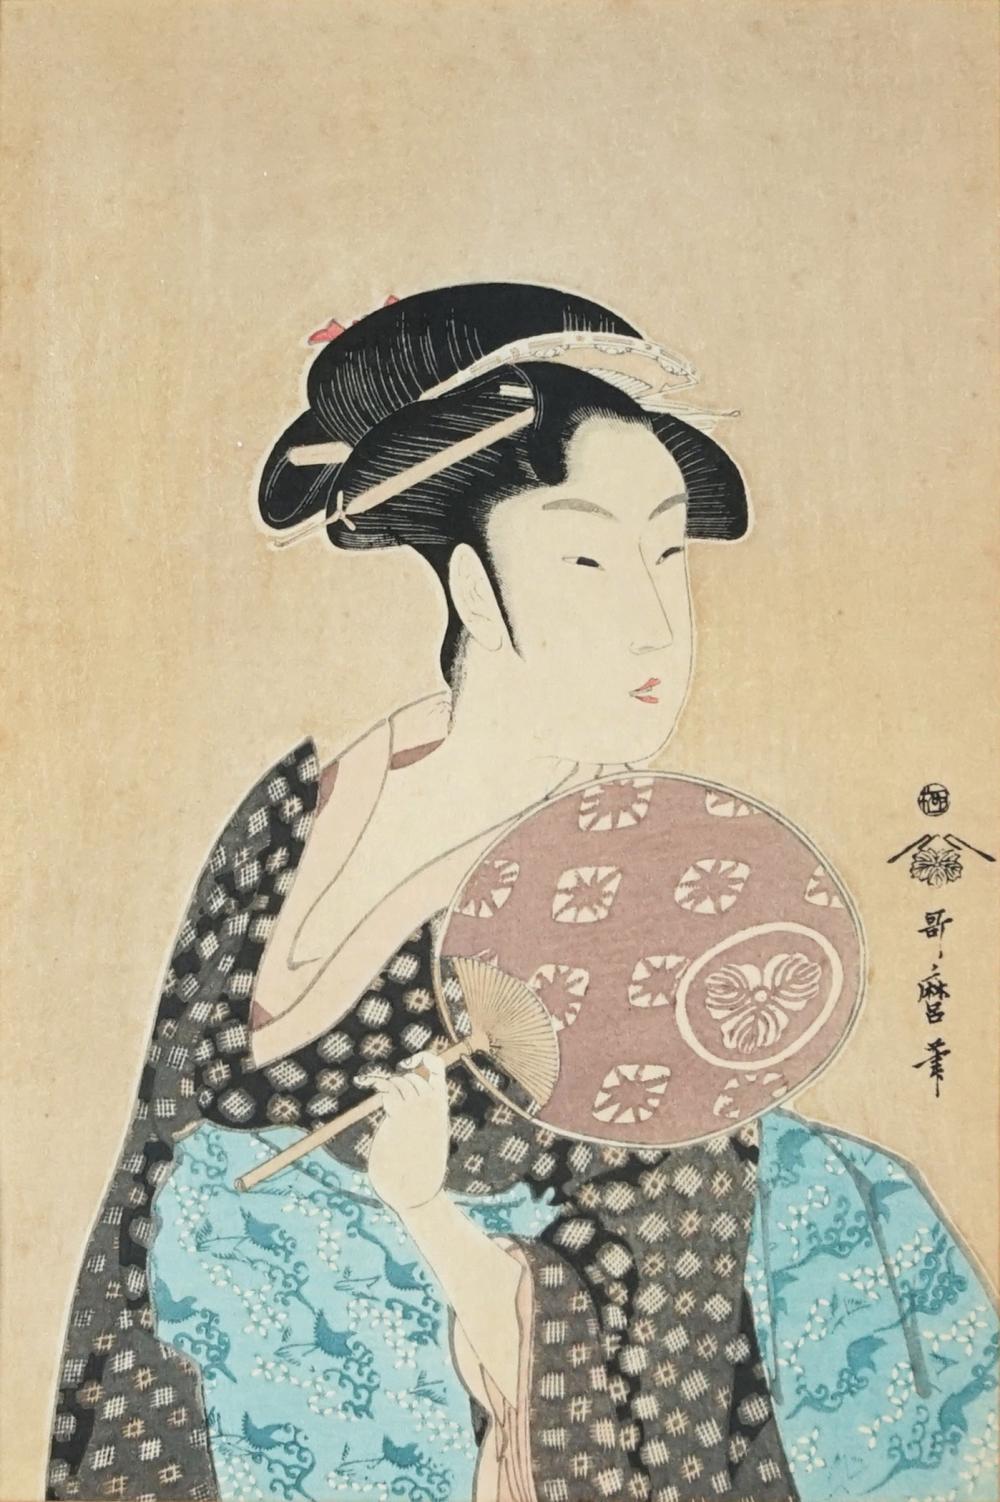 After Kitagawa Utamaro (1853 - 1806) - Woman with Fan 28.5 x 19cm